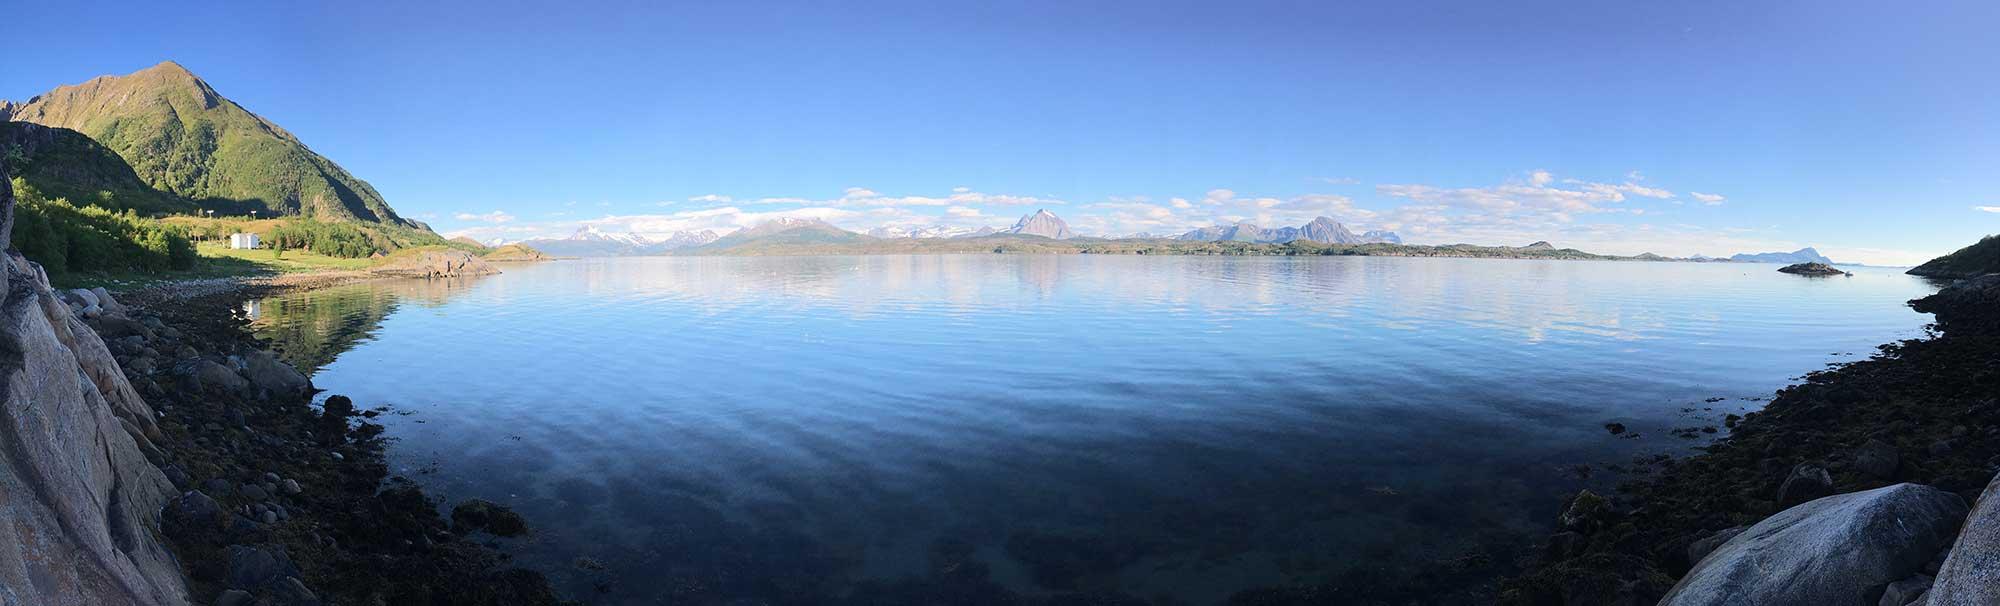 panorama-fjord-lofoten